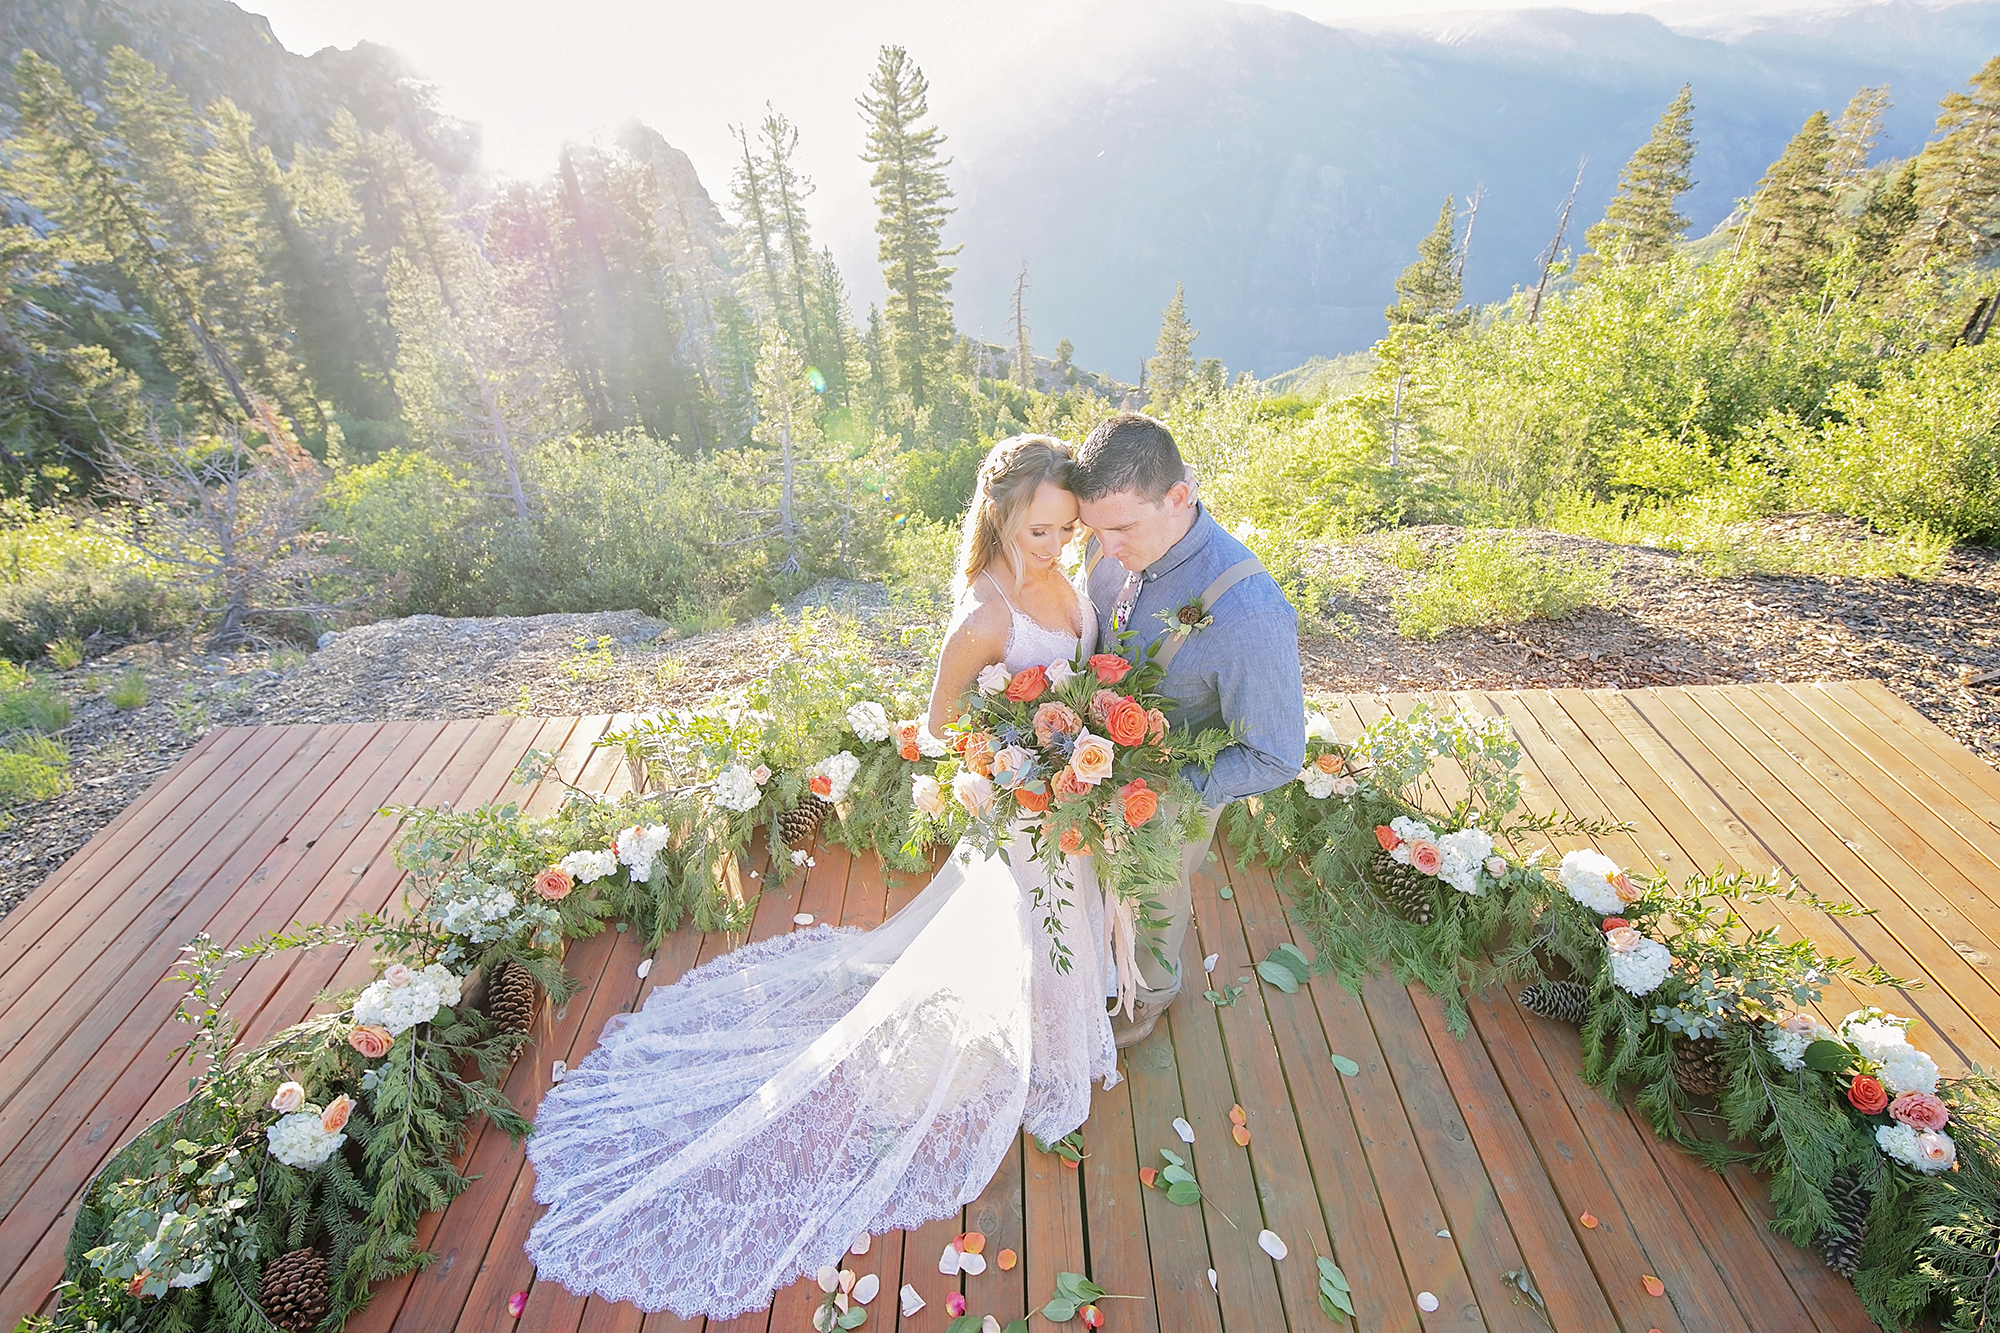 Bear Valley Ca >> Bear Valley Wedding Gallery Bear Valley